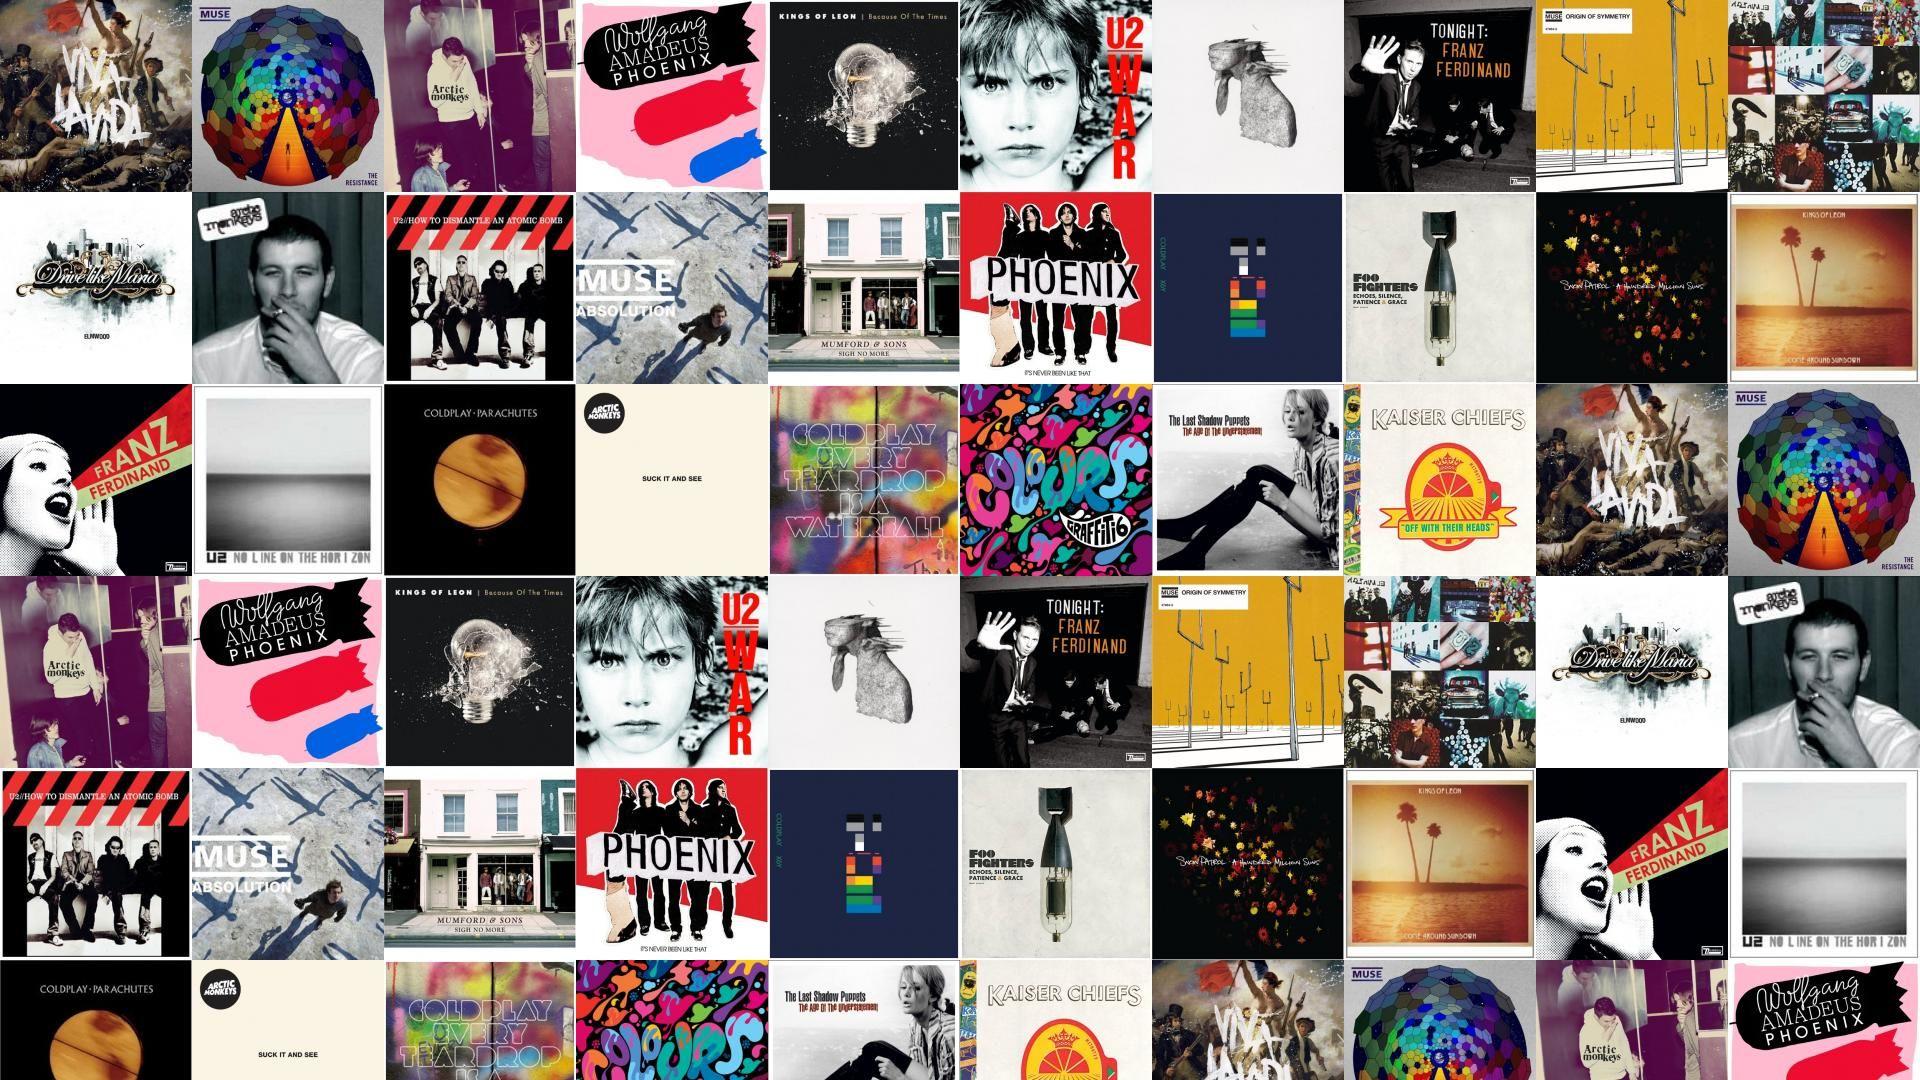 Arctic Monkeys Wallpaper Hd 1920 1080 Arctic Monkeys Wallpapers 25 Wallpapers Adorable Arctic Monkeys Wallpapers Arctic Monkeys Arctic Monkeys Wallpaper